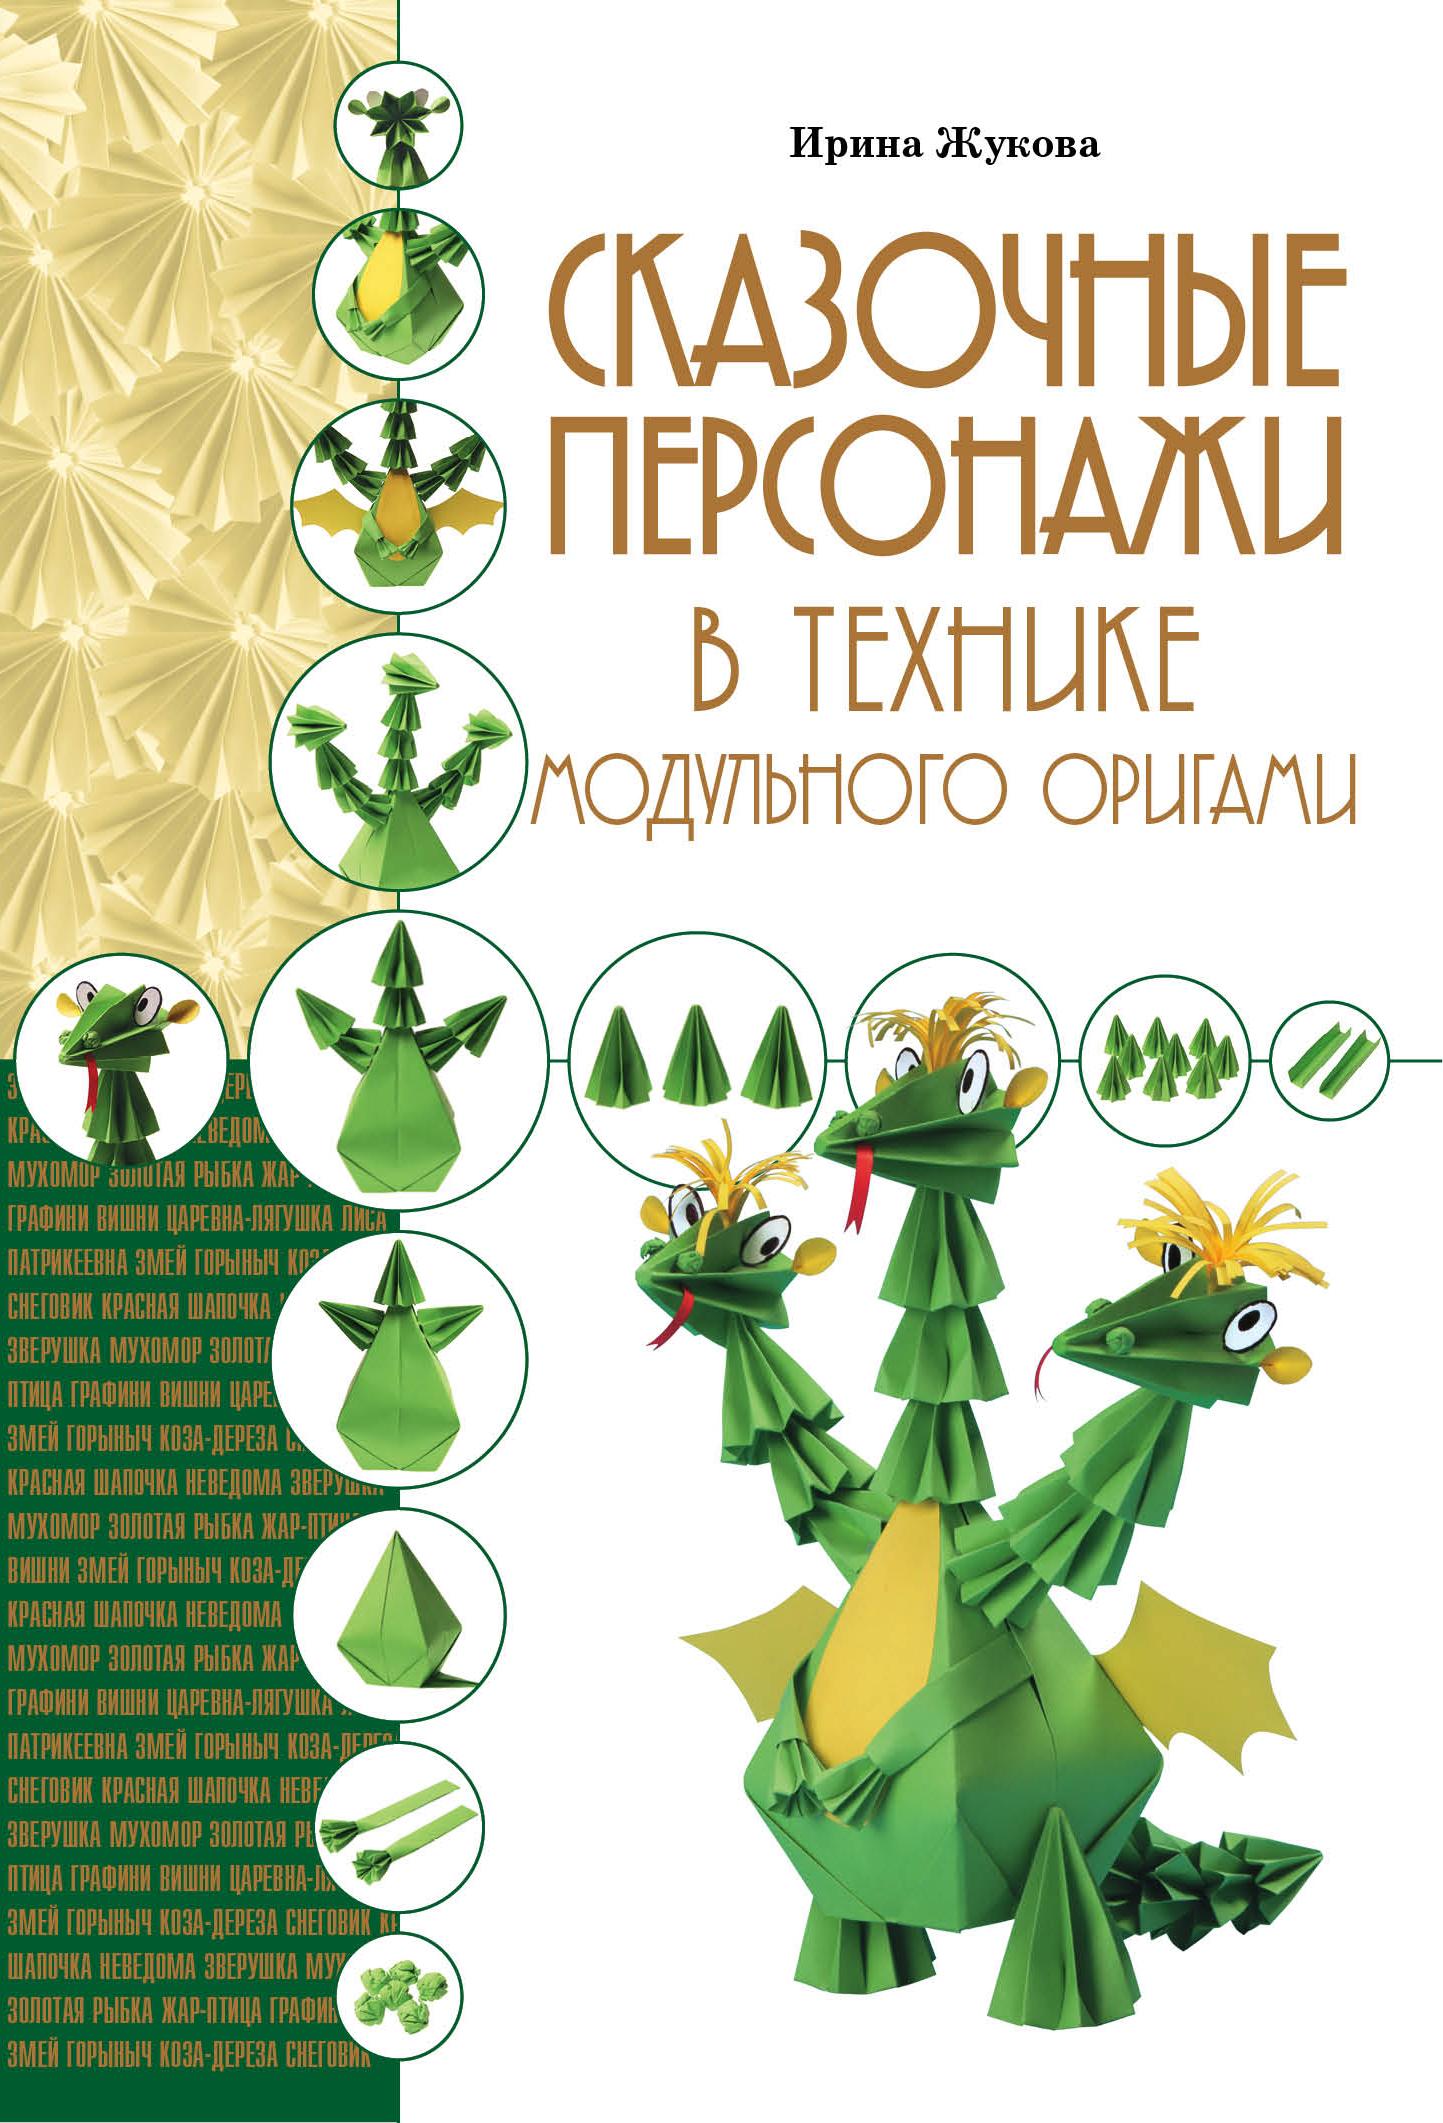 Сказочные персонажи в технике модульного оригами и.жукова